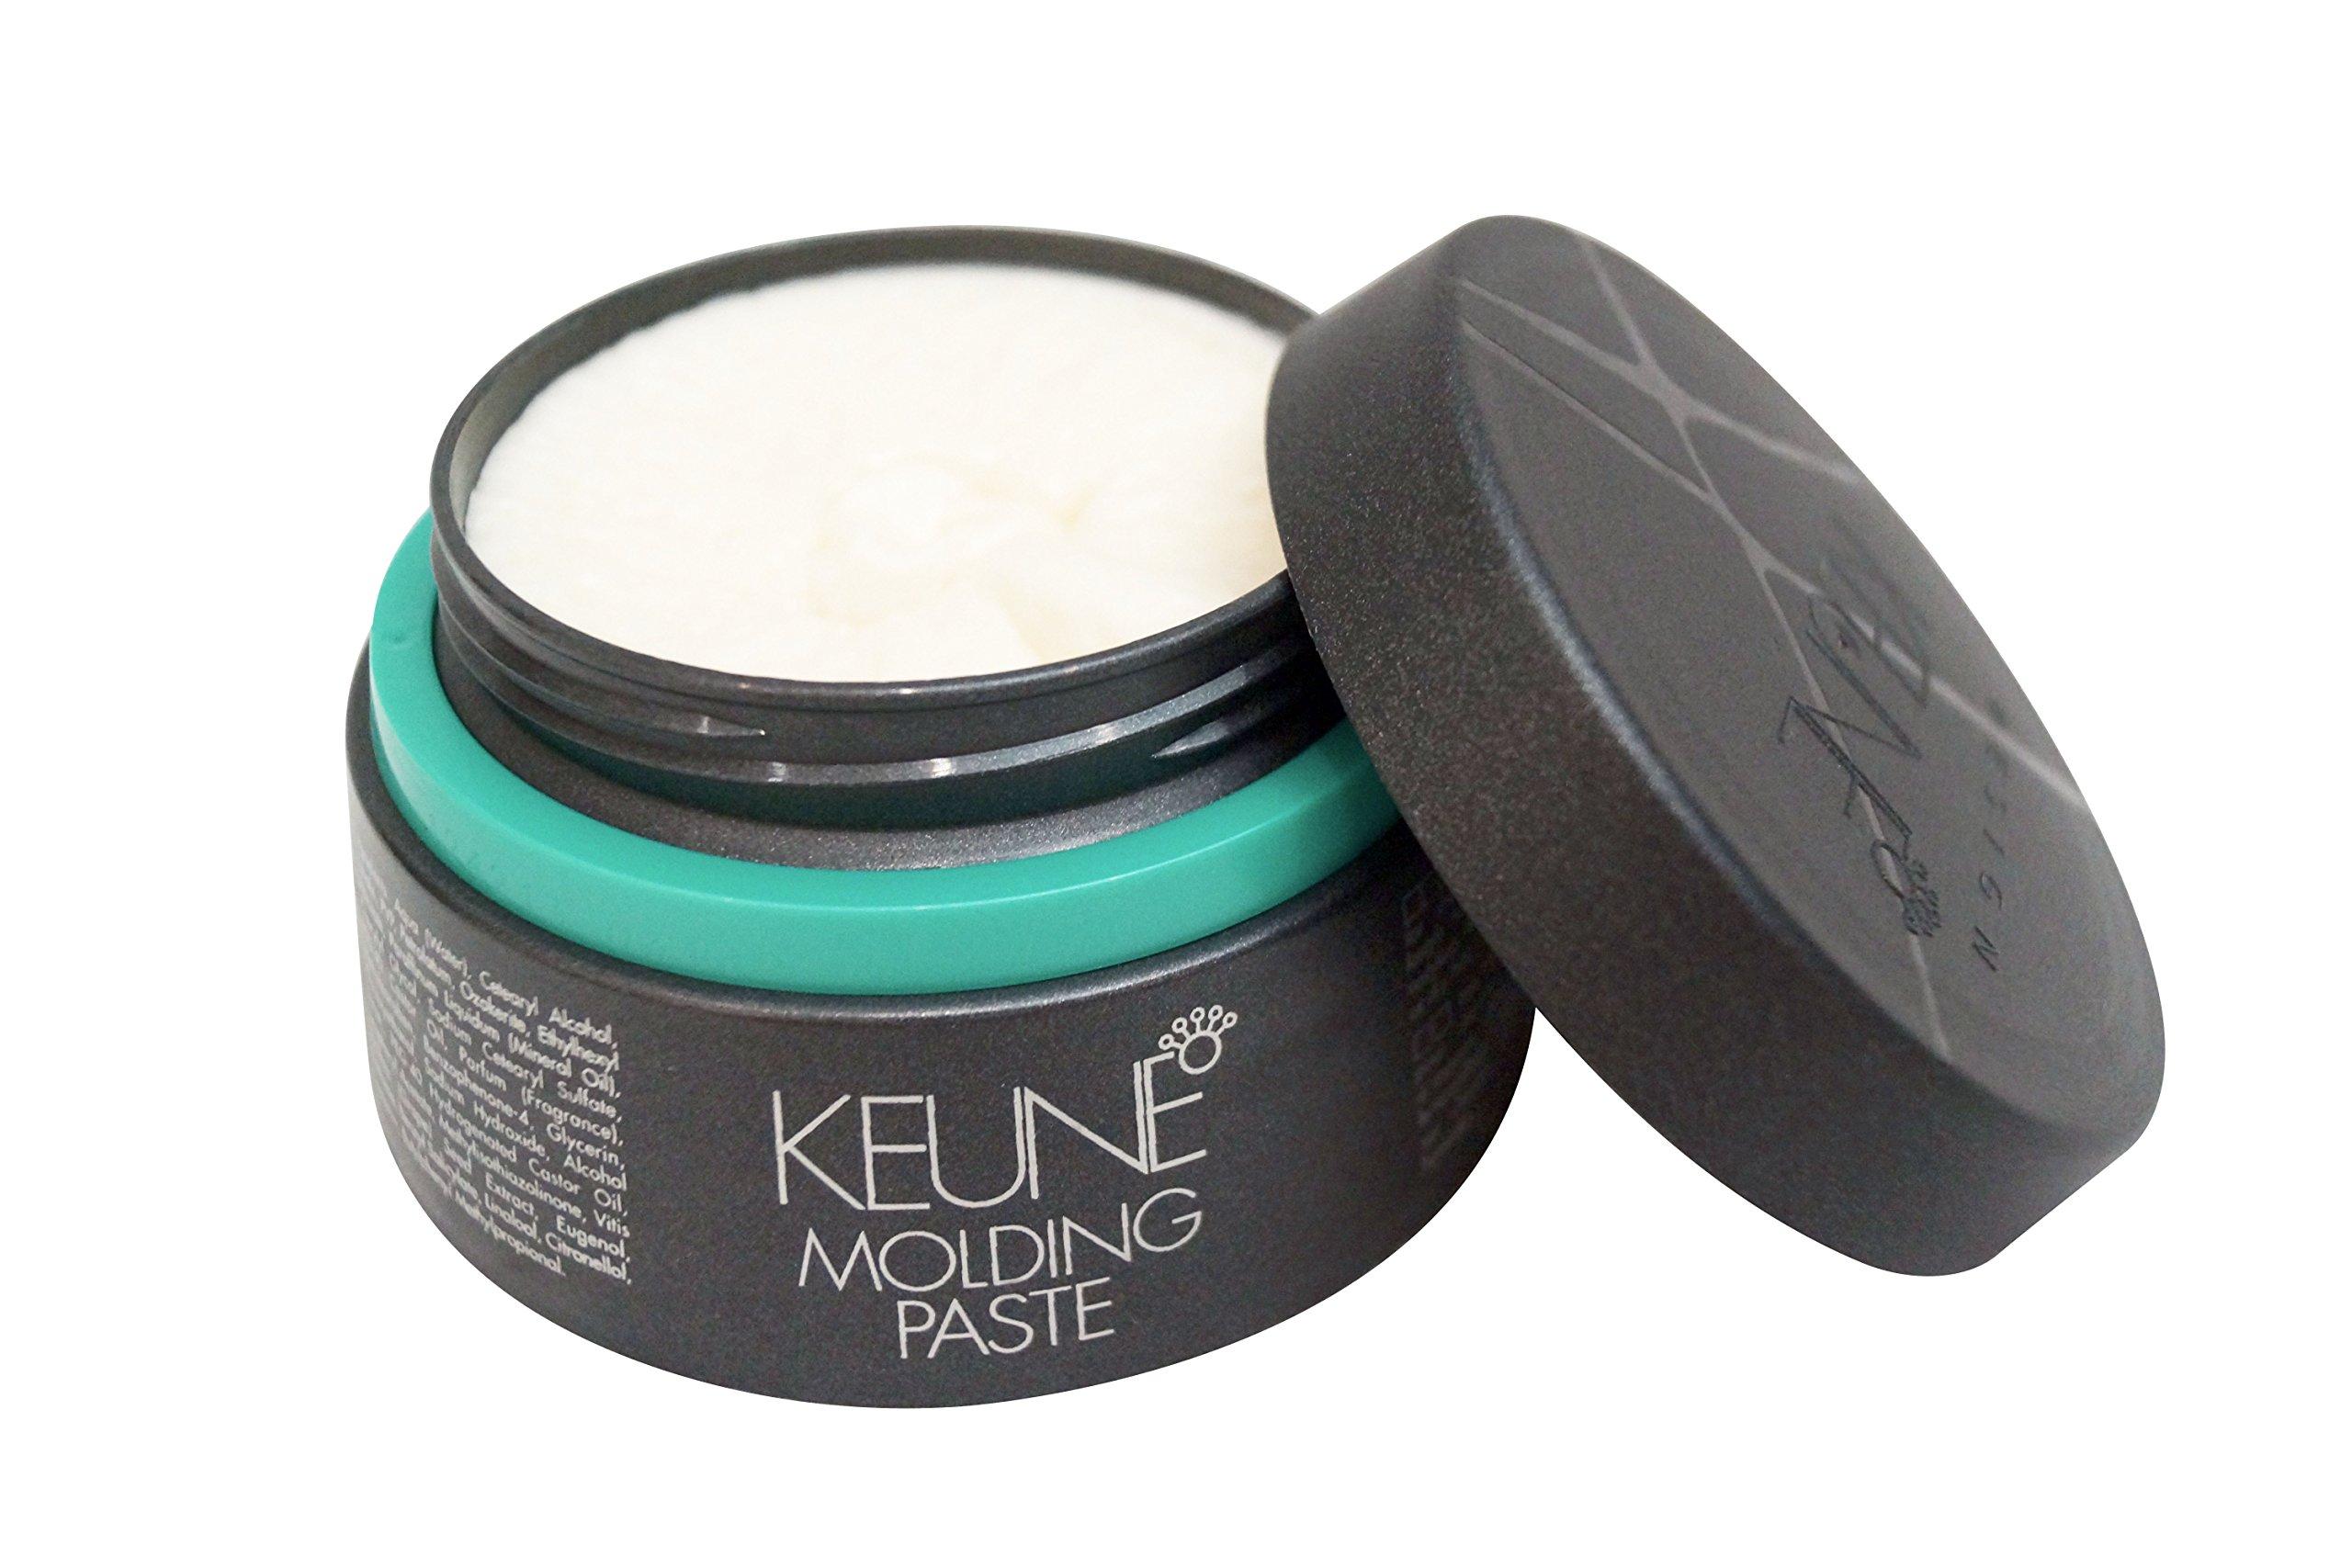 Keune Molding Paste 3.4 fl oz/100ml